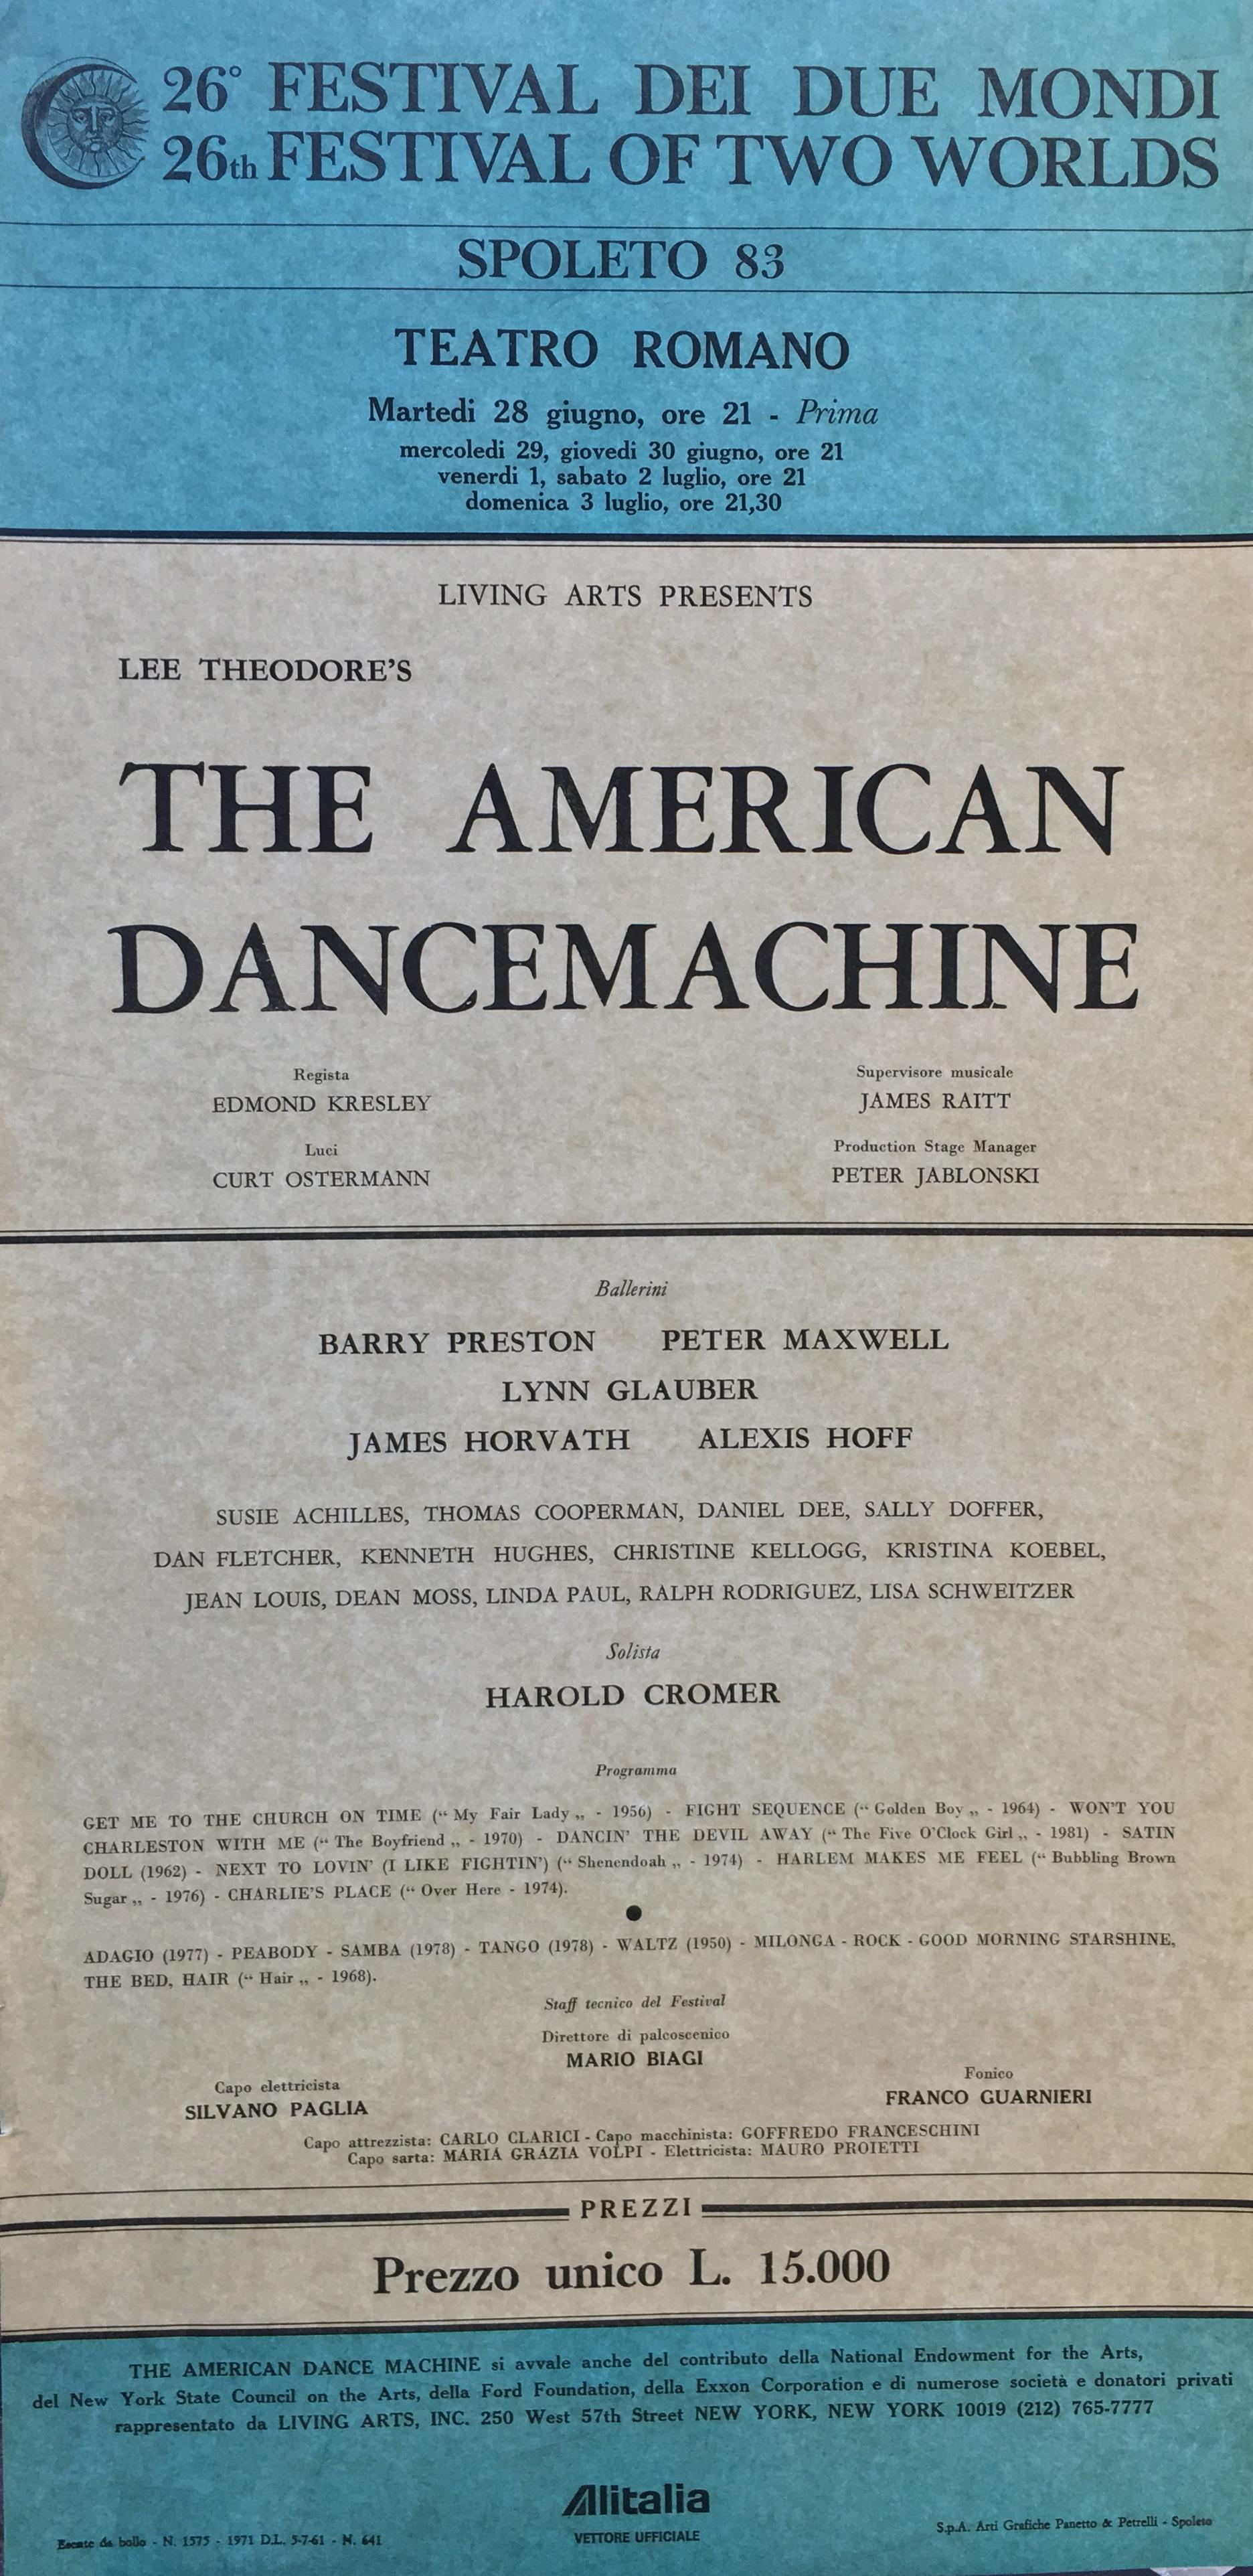 americandancemachine.JPG